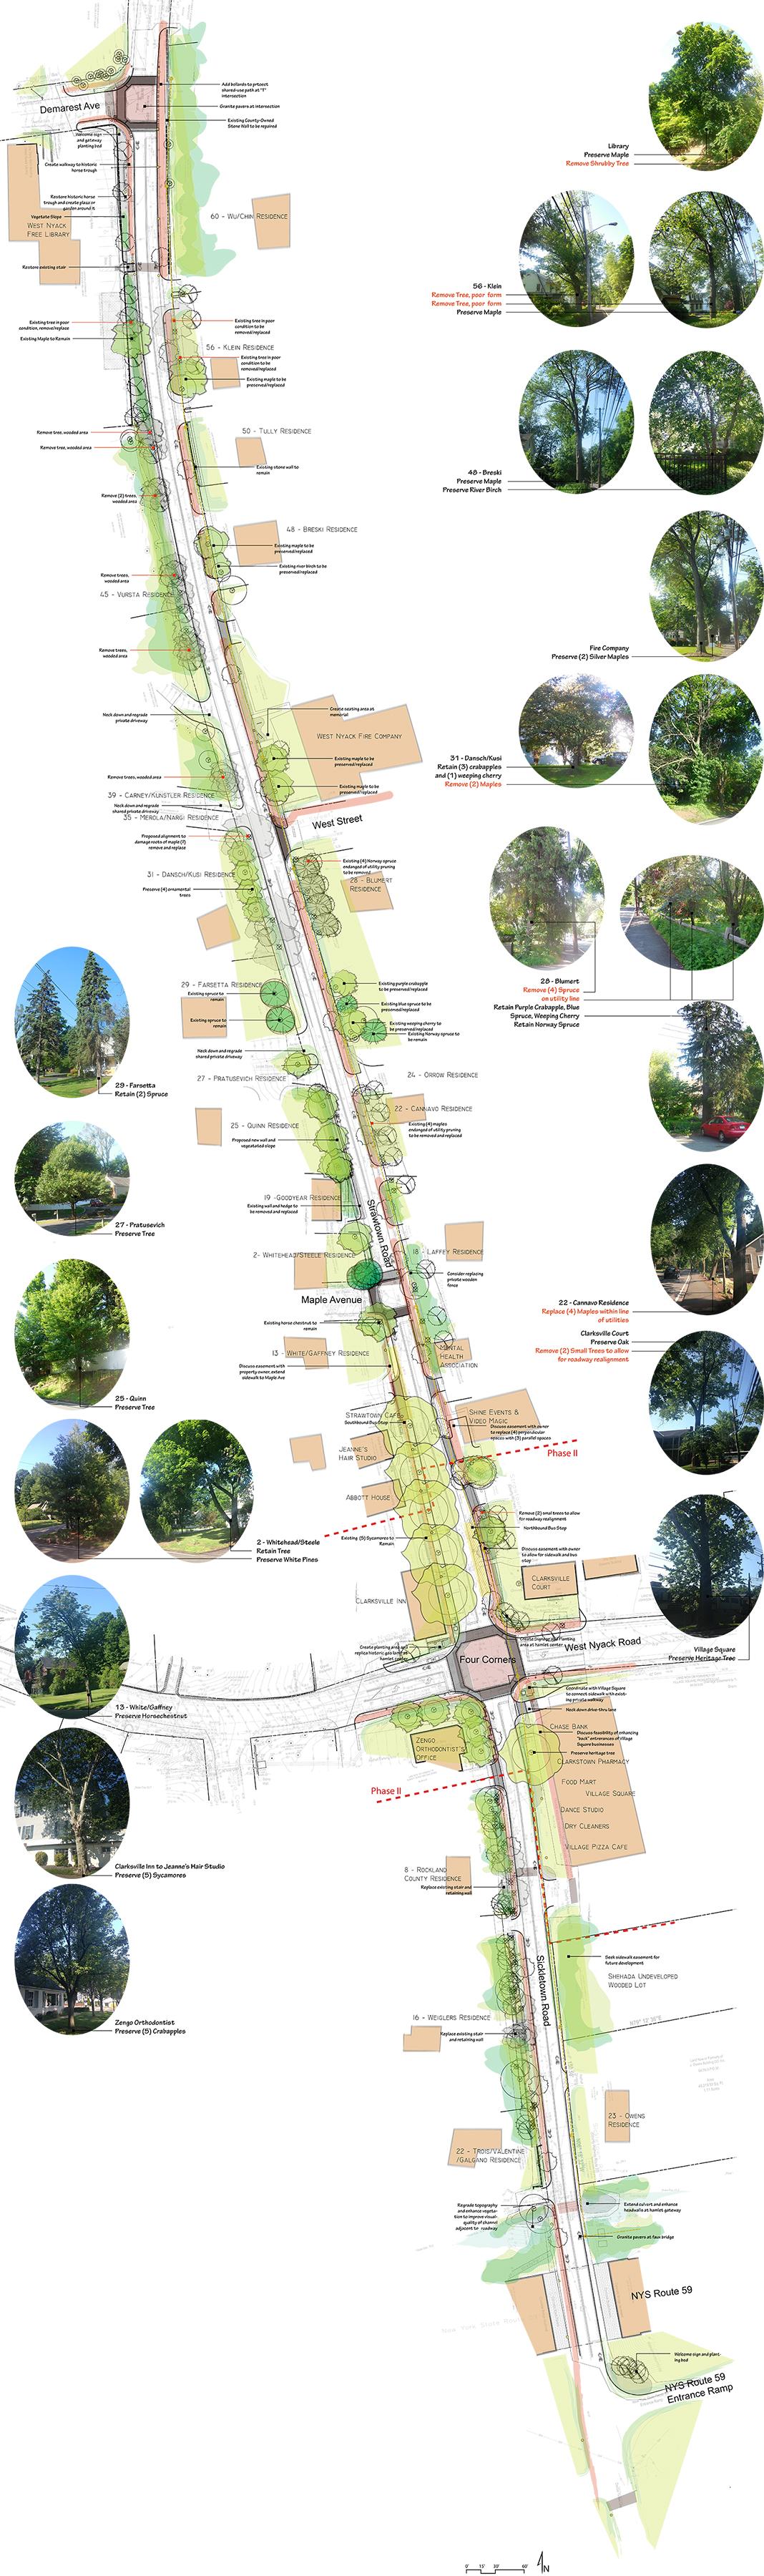 16-0325_WN3_Concept plan v3 sm2